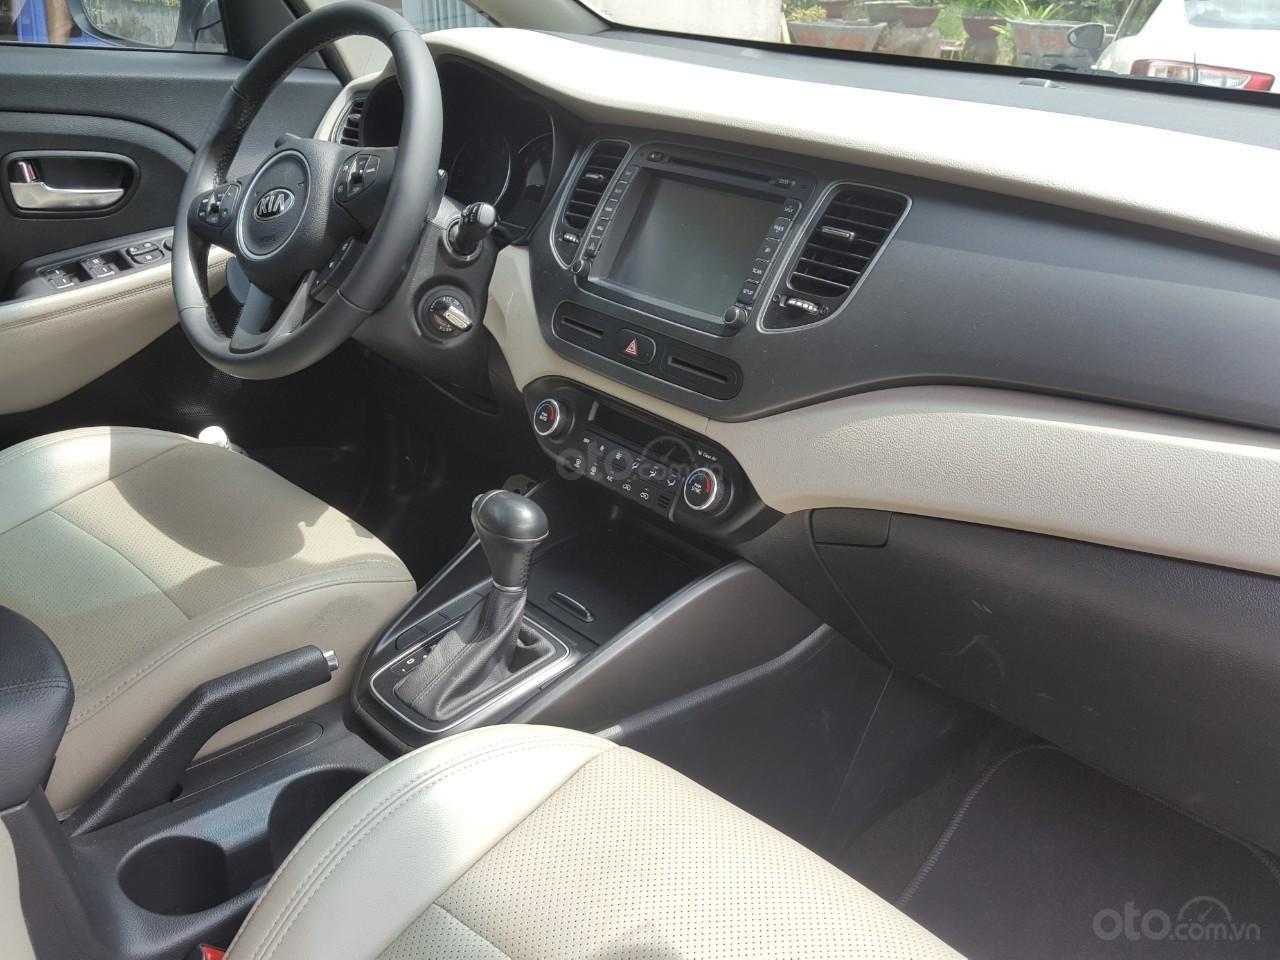 Bán Kia Rondo GAT 2.0AT màu trắng, máy xăng, số tự động, sản xuất 2018, đi 23000km (2)